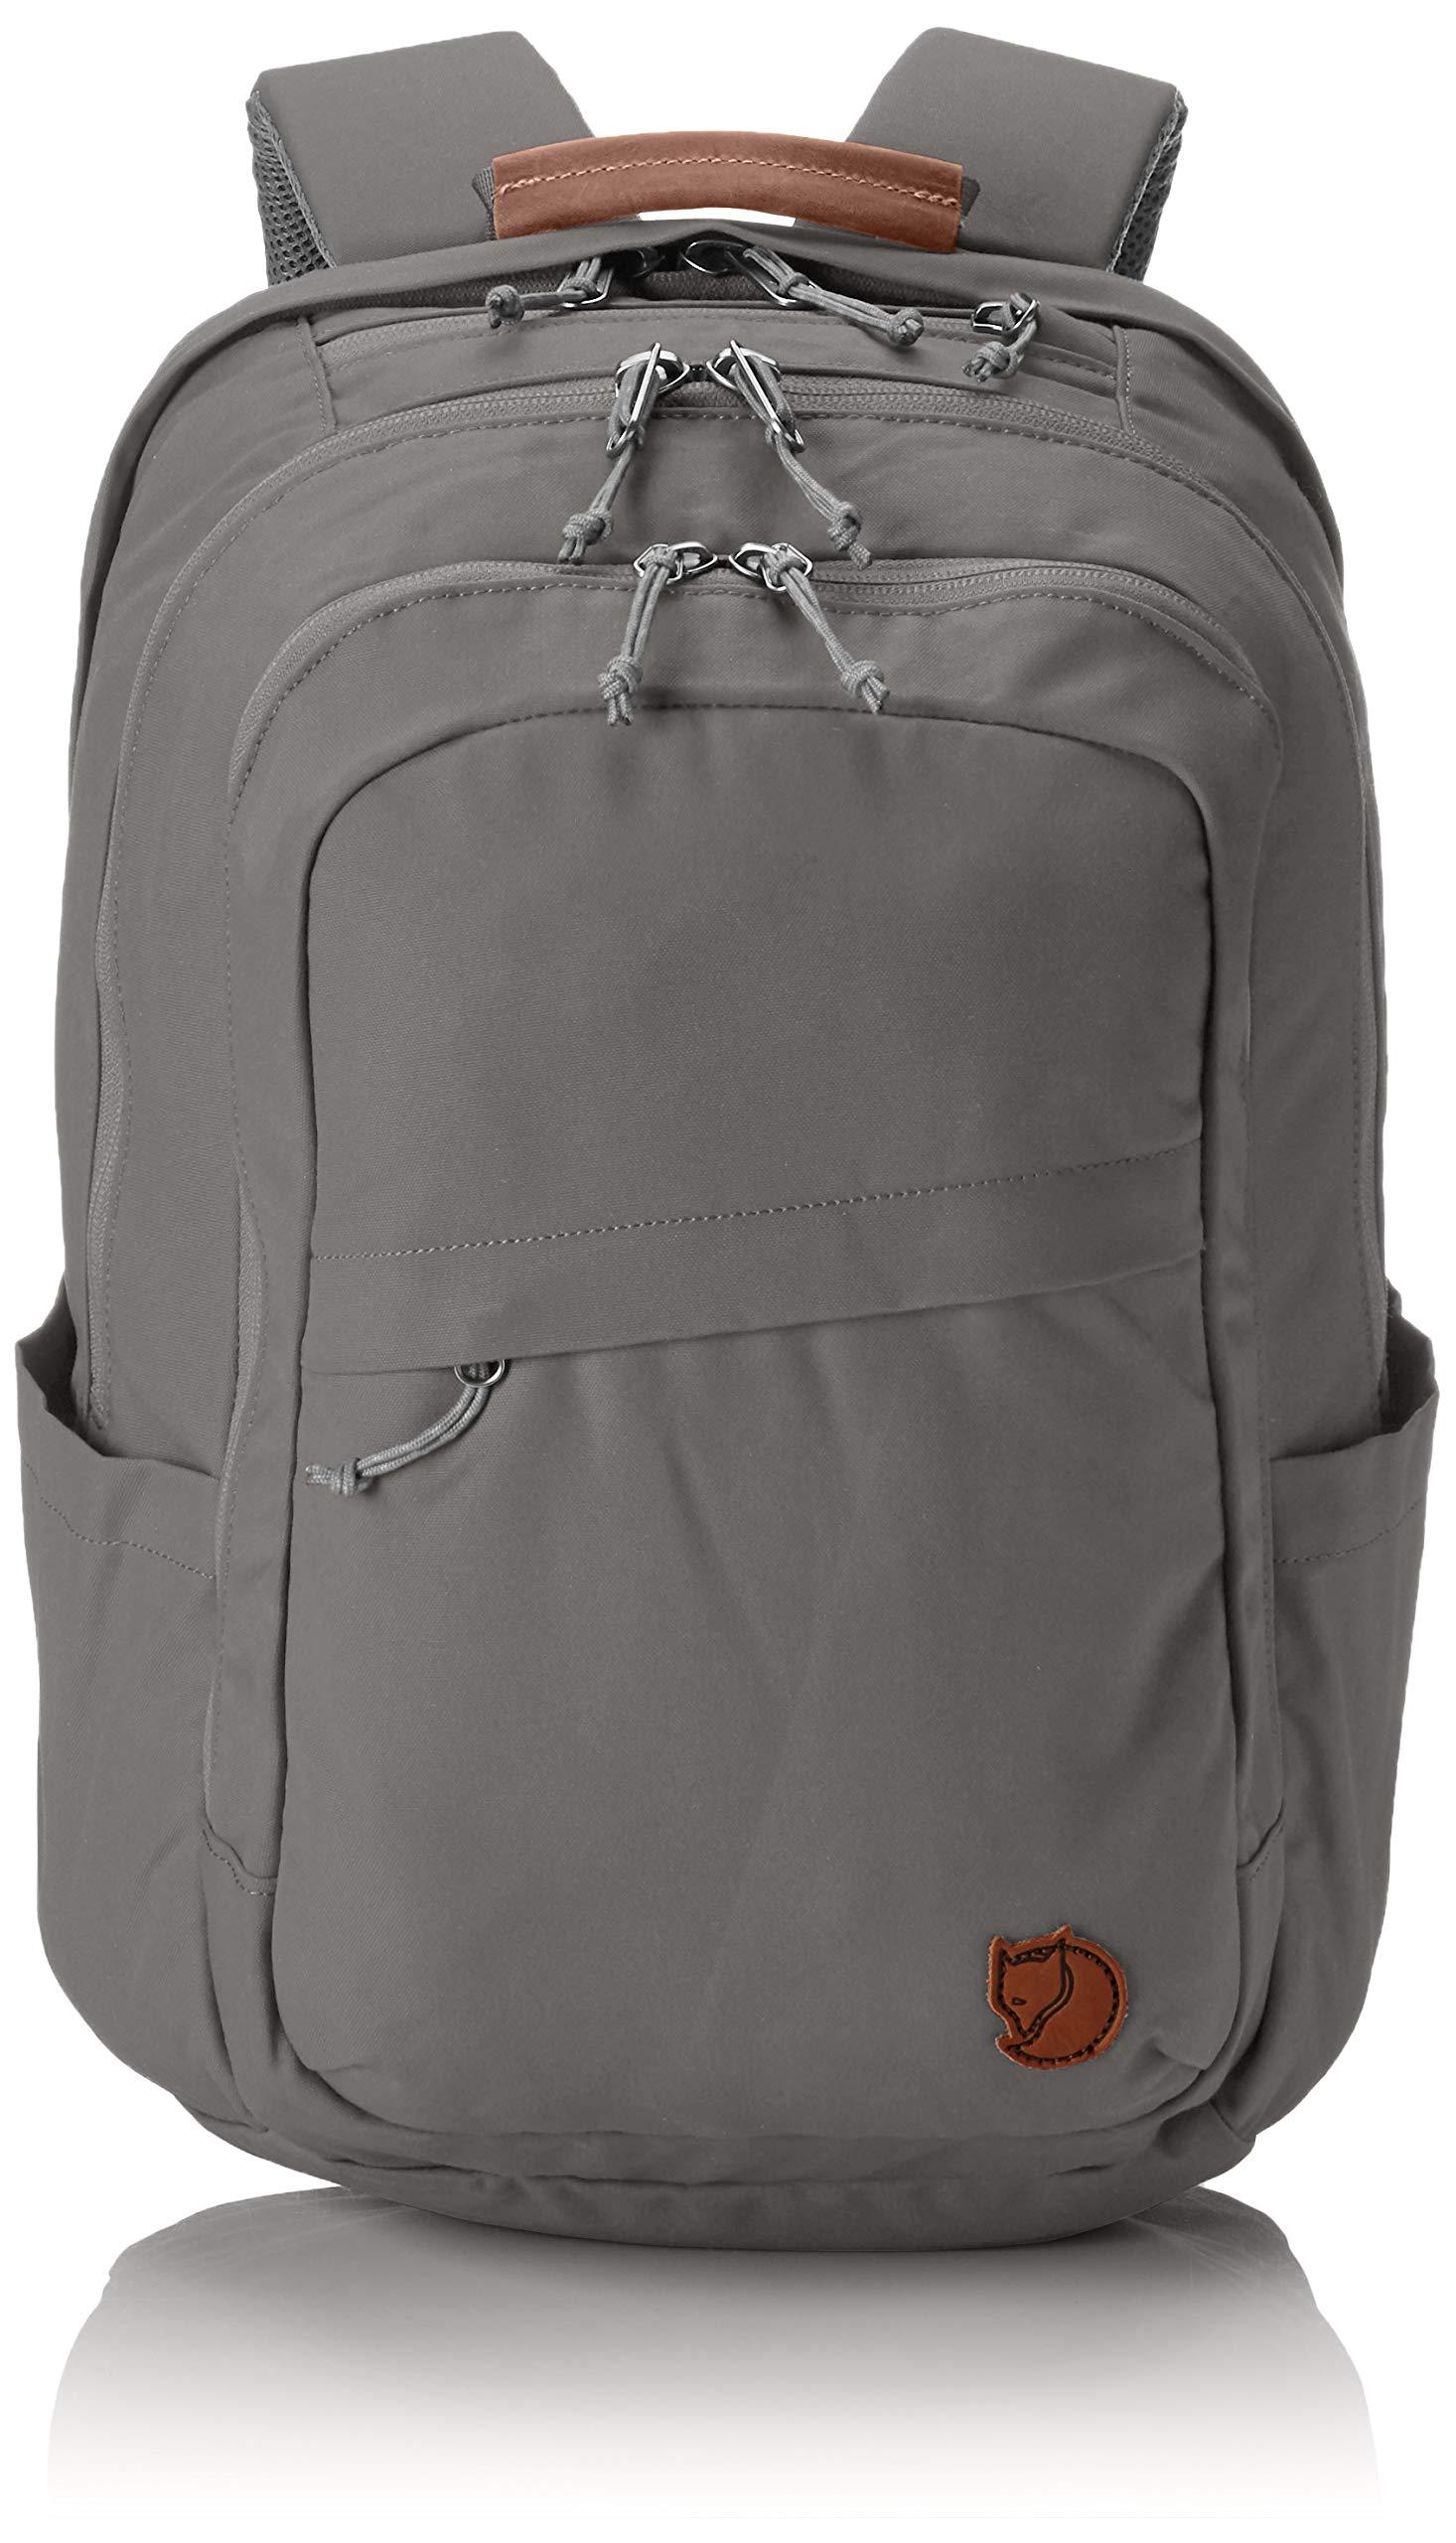 Fjallraven - Raven 28 Backpack, Fits